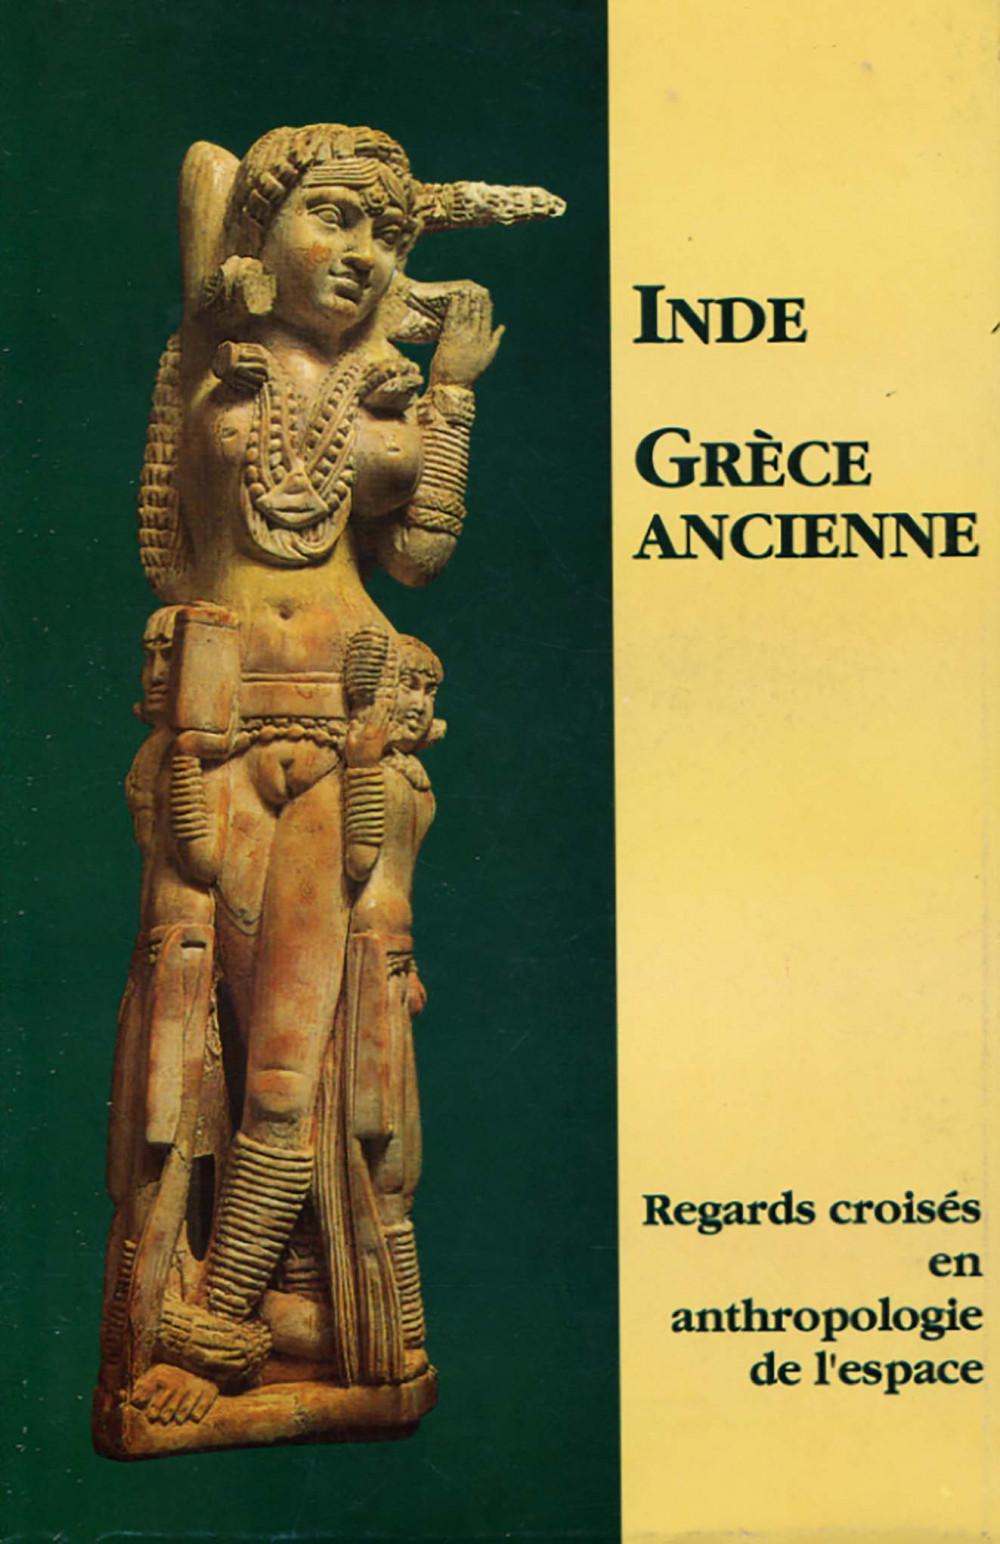 Inde Grèce, Regards croisés en anthropologie de l'espace